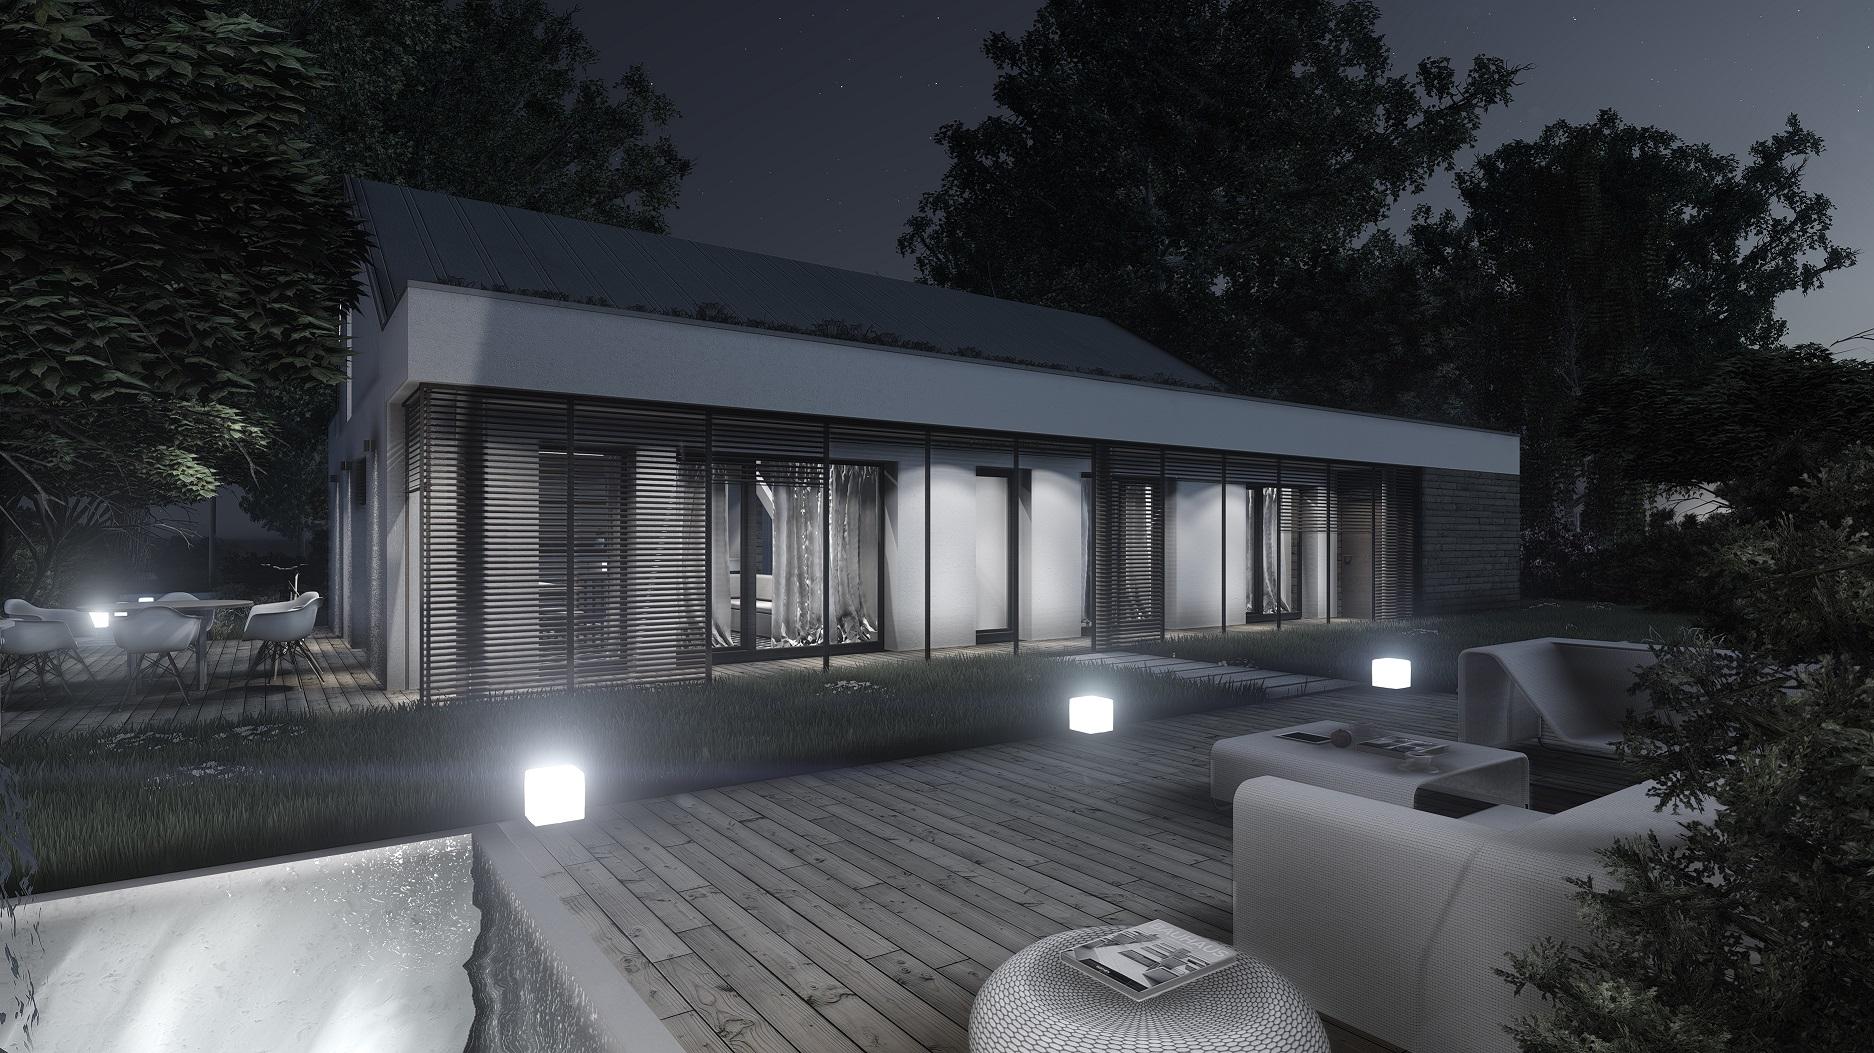 Projekt domu pasywnego DAS HAUS I Domy Czystej Energii widok od ogrodu nocą